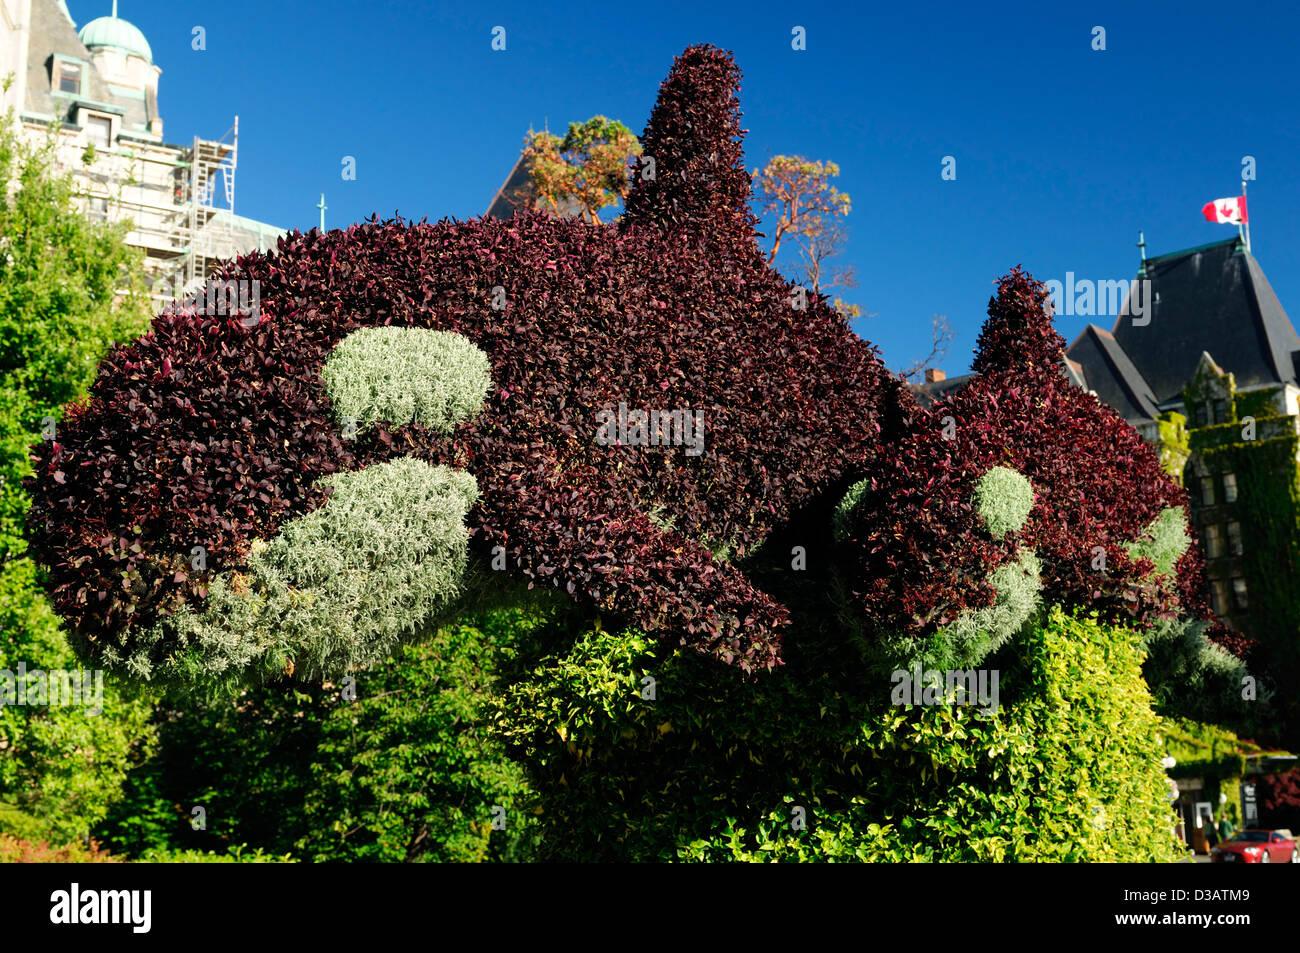 Copertura hedge clip ritagliato a forma di forma orca Killer Whale oggetto giardinaggio giardino progettazione victoria Immagini Stock